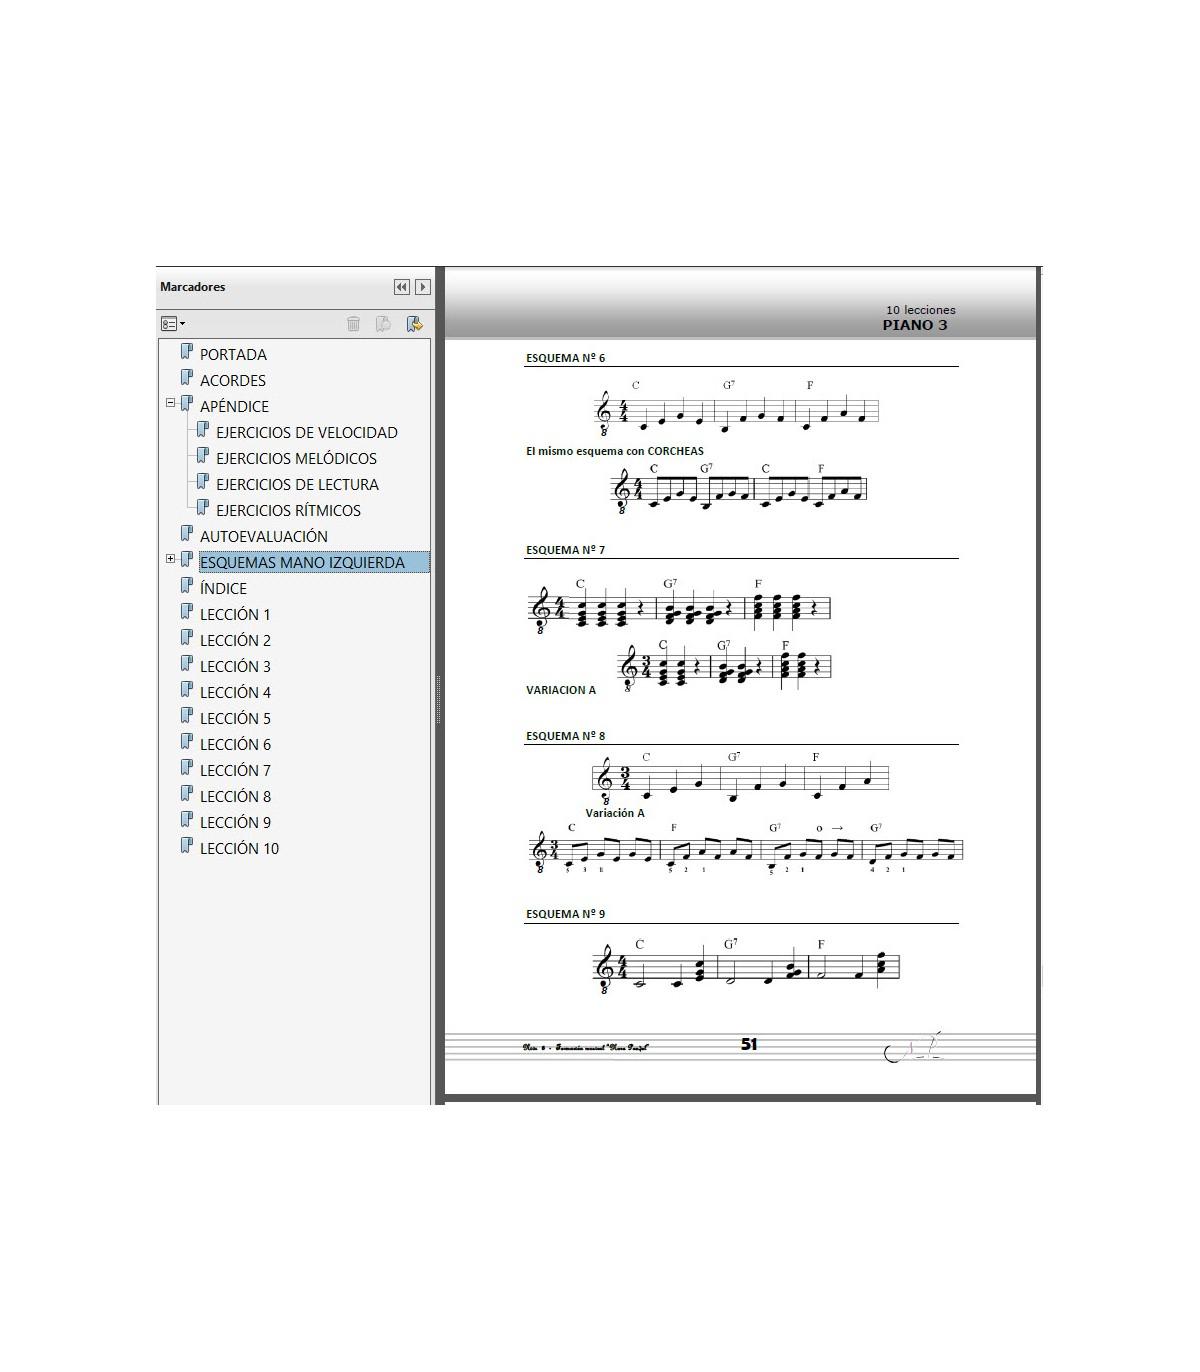 PIANO - Curso Acelerado NIVEL 3 - EBOOK